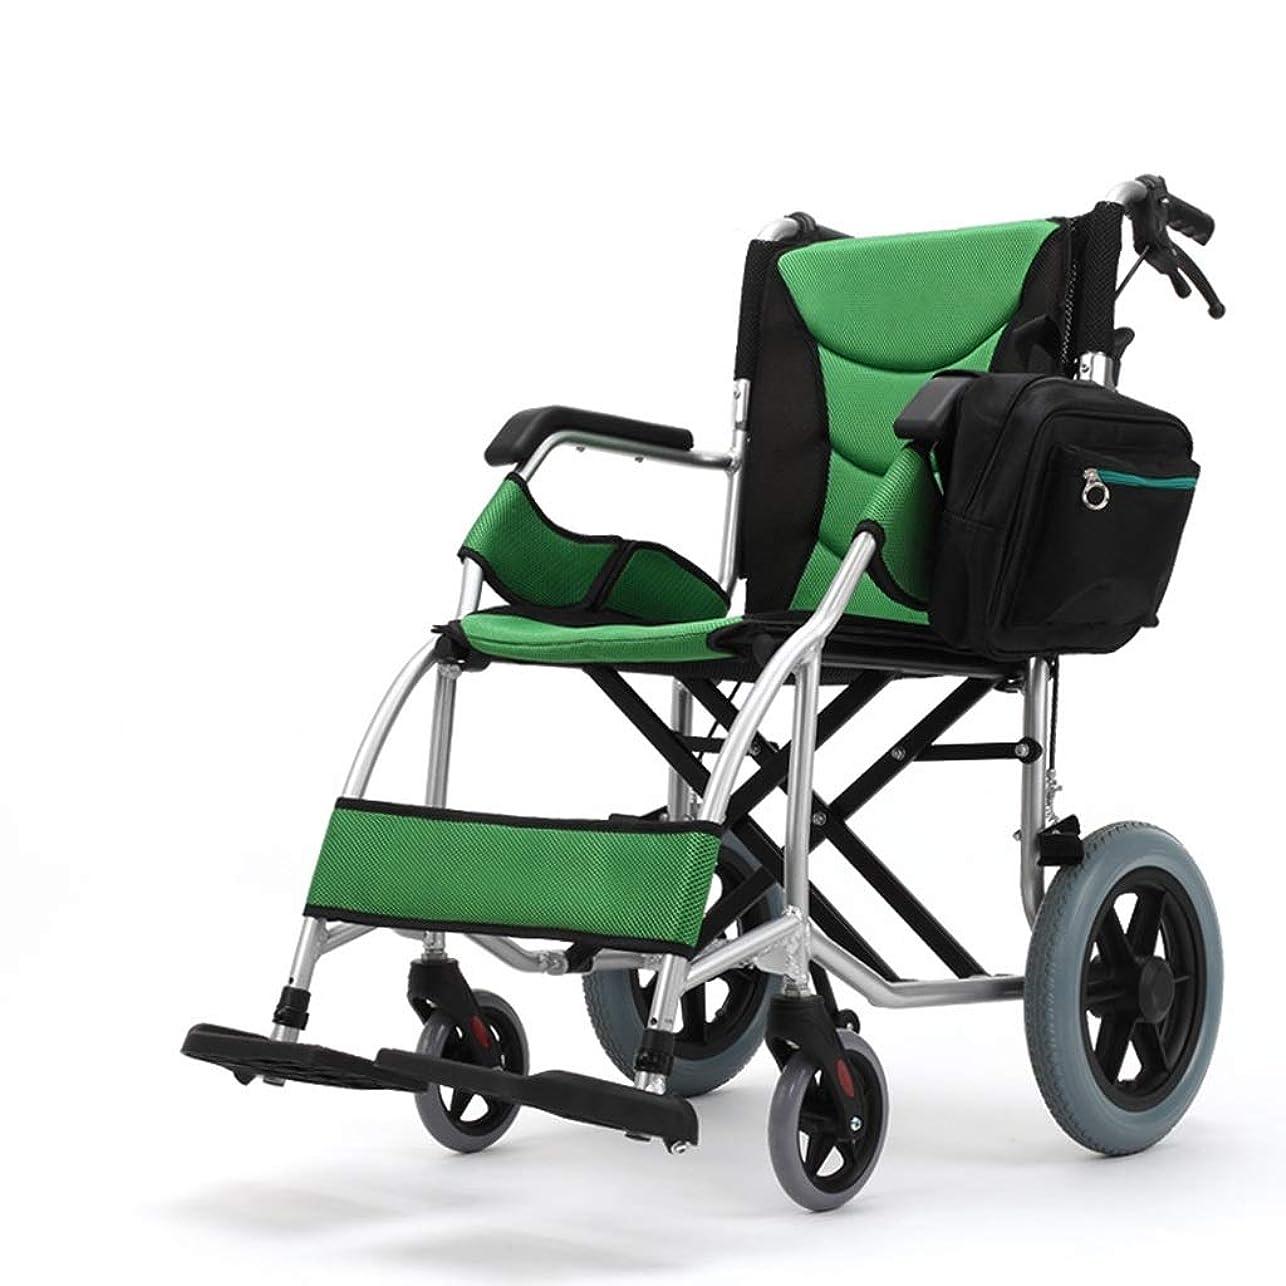 可能エスカレートちょうつがい車椅子折りたたみポータブル、アルミ合金高齢者超軽量ポータブル旅行ハンドプッシュスクーター